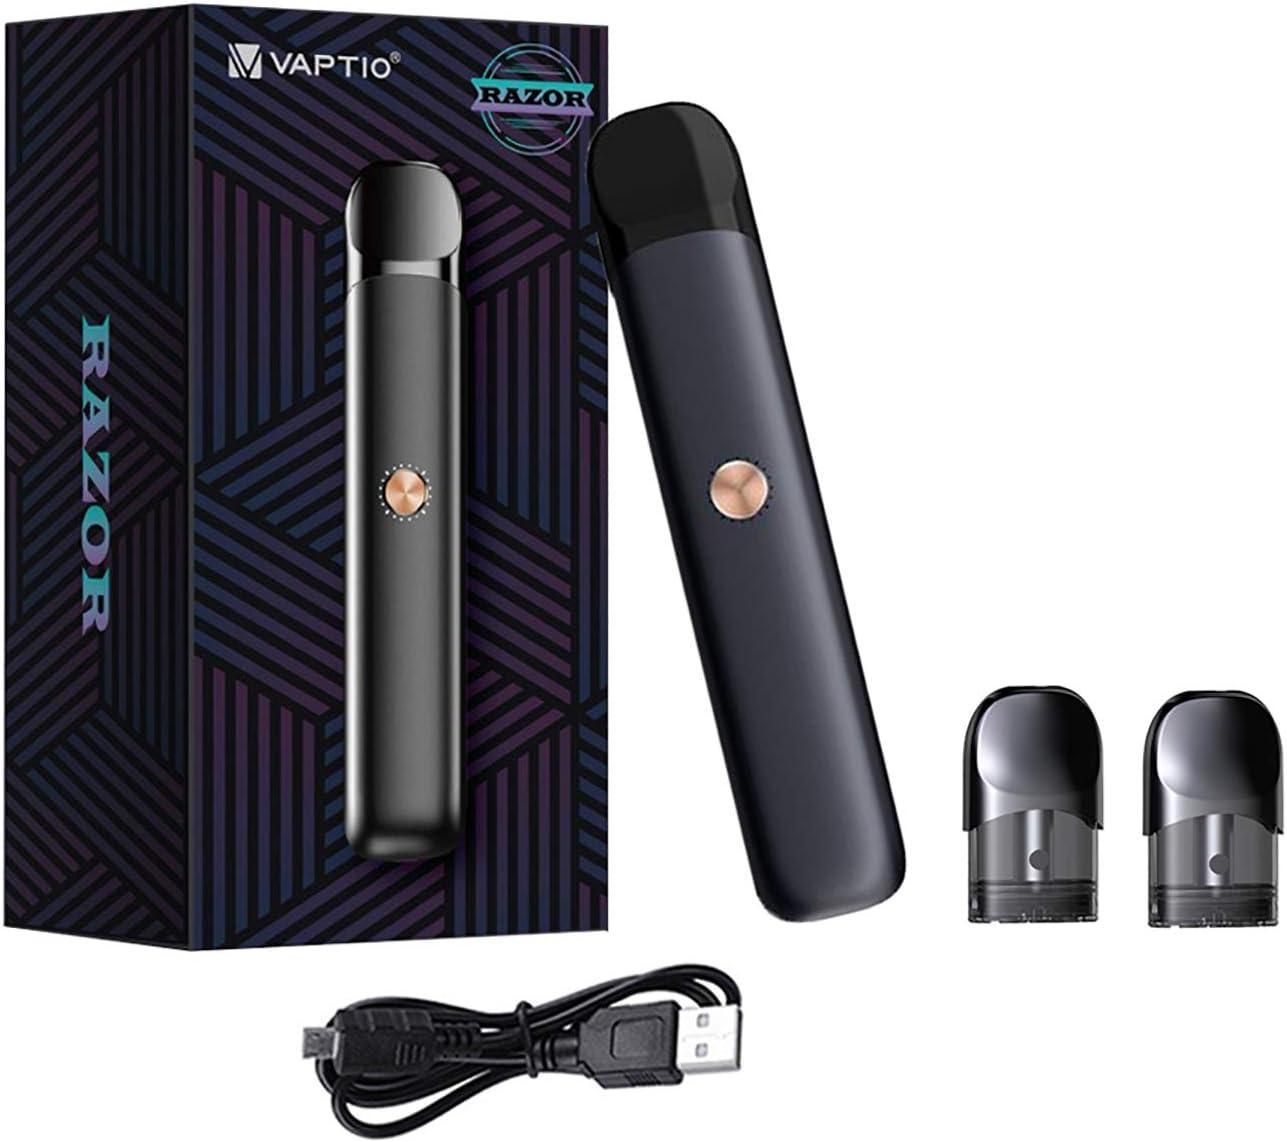 Vaptio Razor Kit Vape Pen Starter Kit con 550mAh Batería 2.0ML Atomizador Kit de vaporizador de cigarrillo electrónico Sin líquido E Sin nicotina